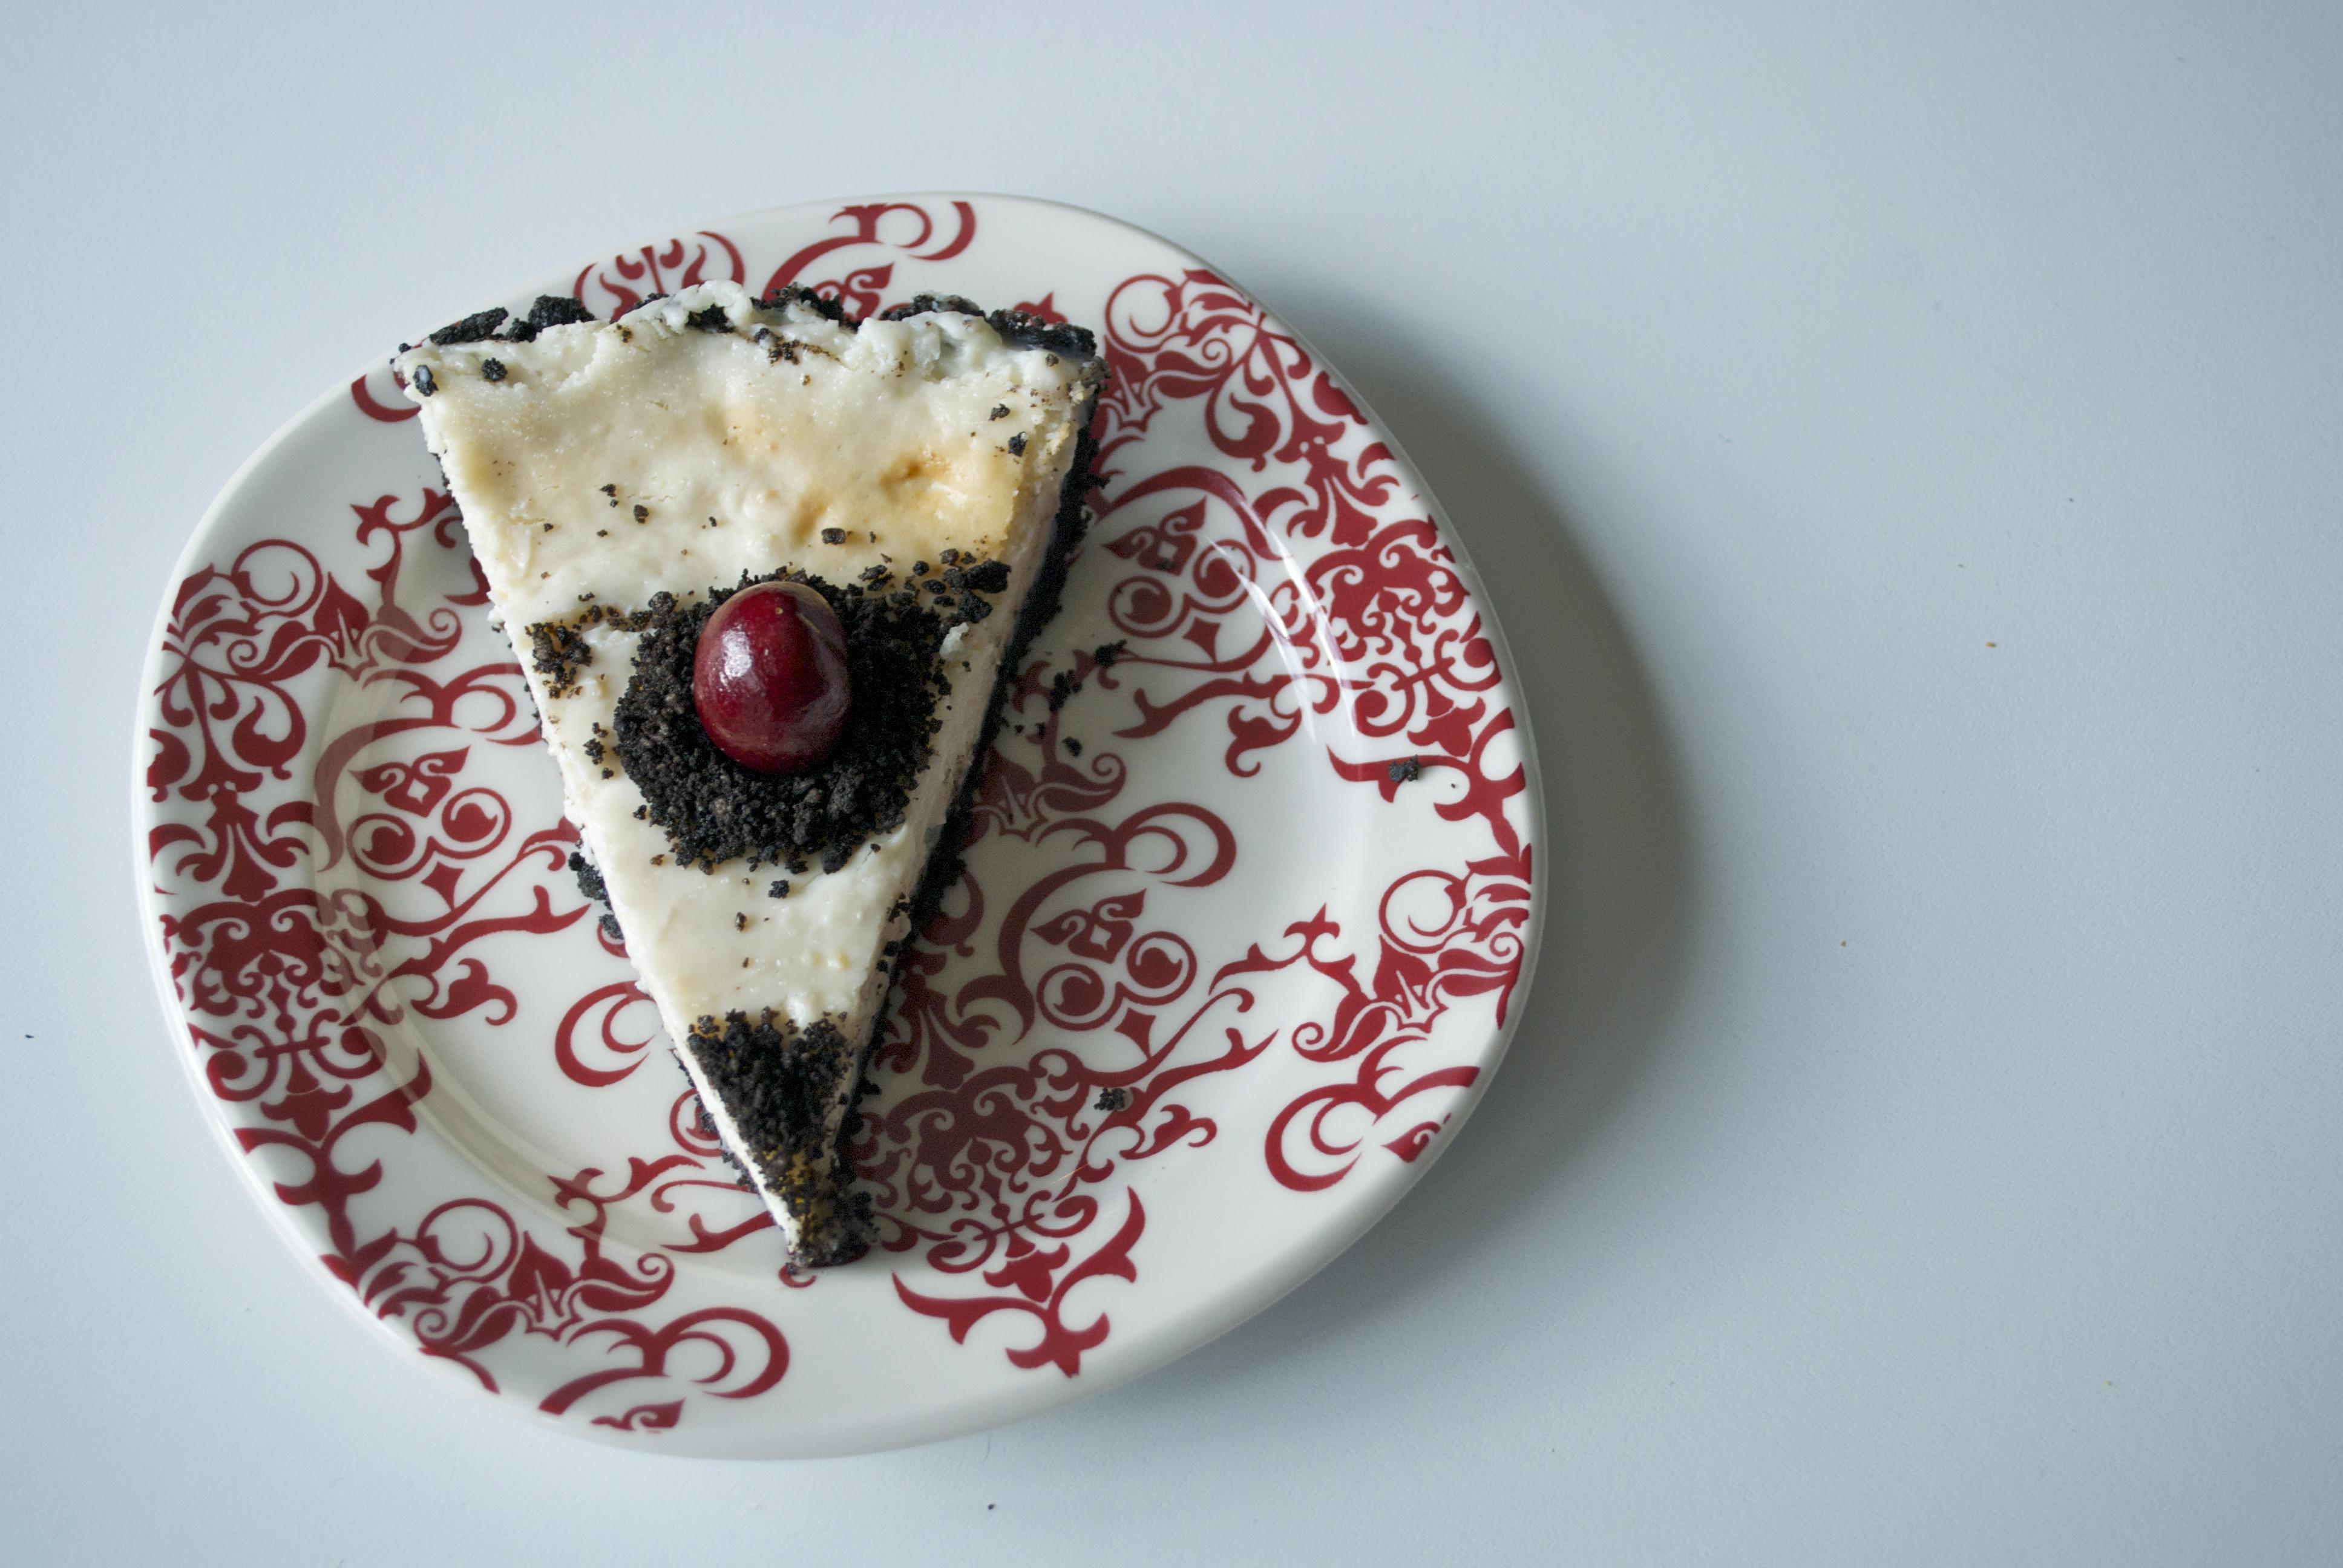 Picture of Vegan Oreo Crust Cheesecake